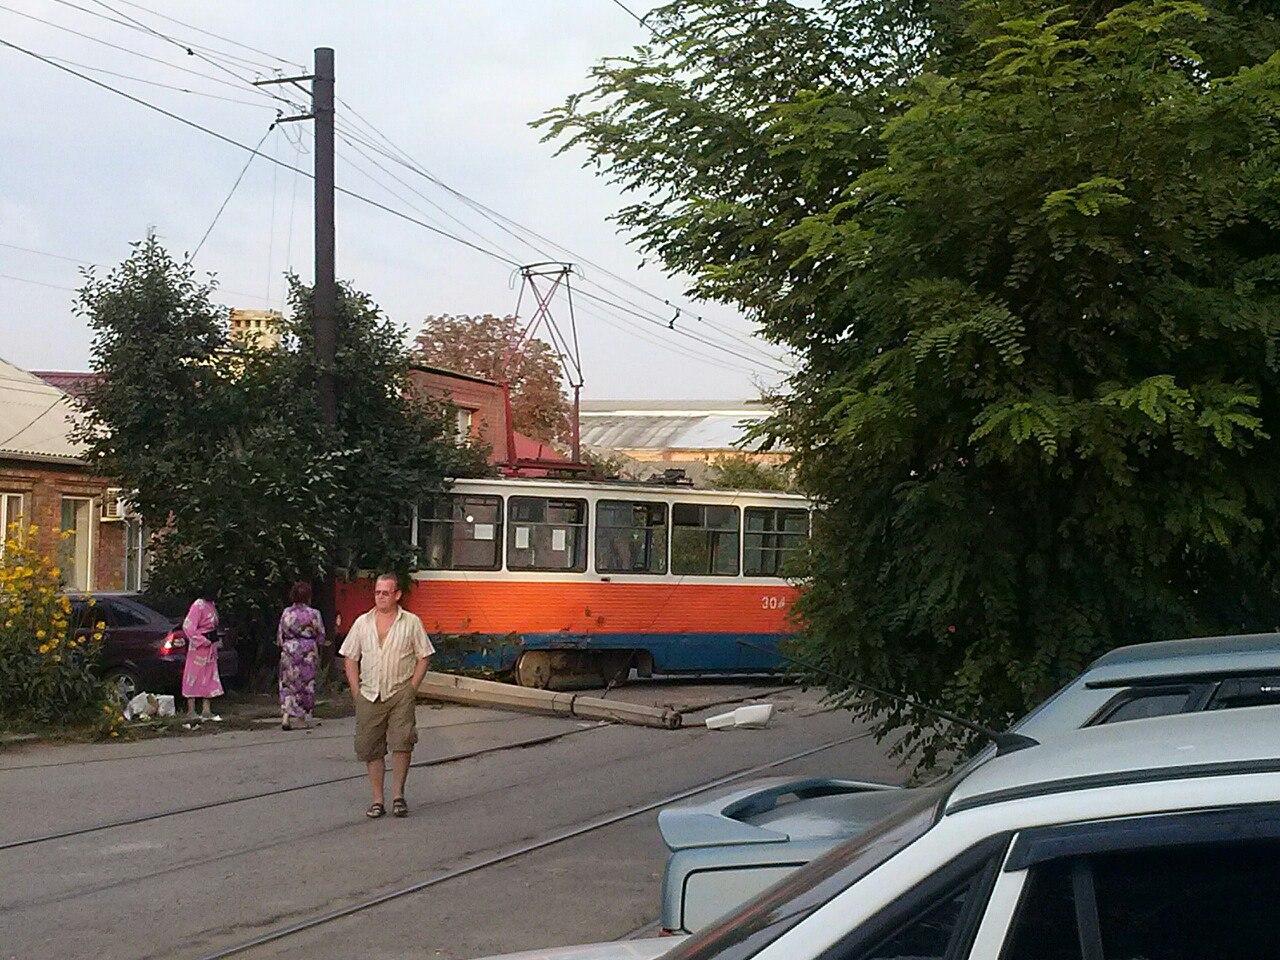 Сегодня утром в Таганроге трамвай сошел с рельсов, сбил столб и протаранил дерево